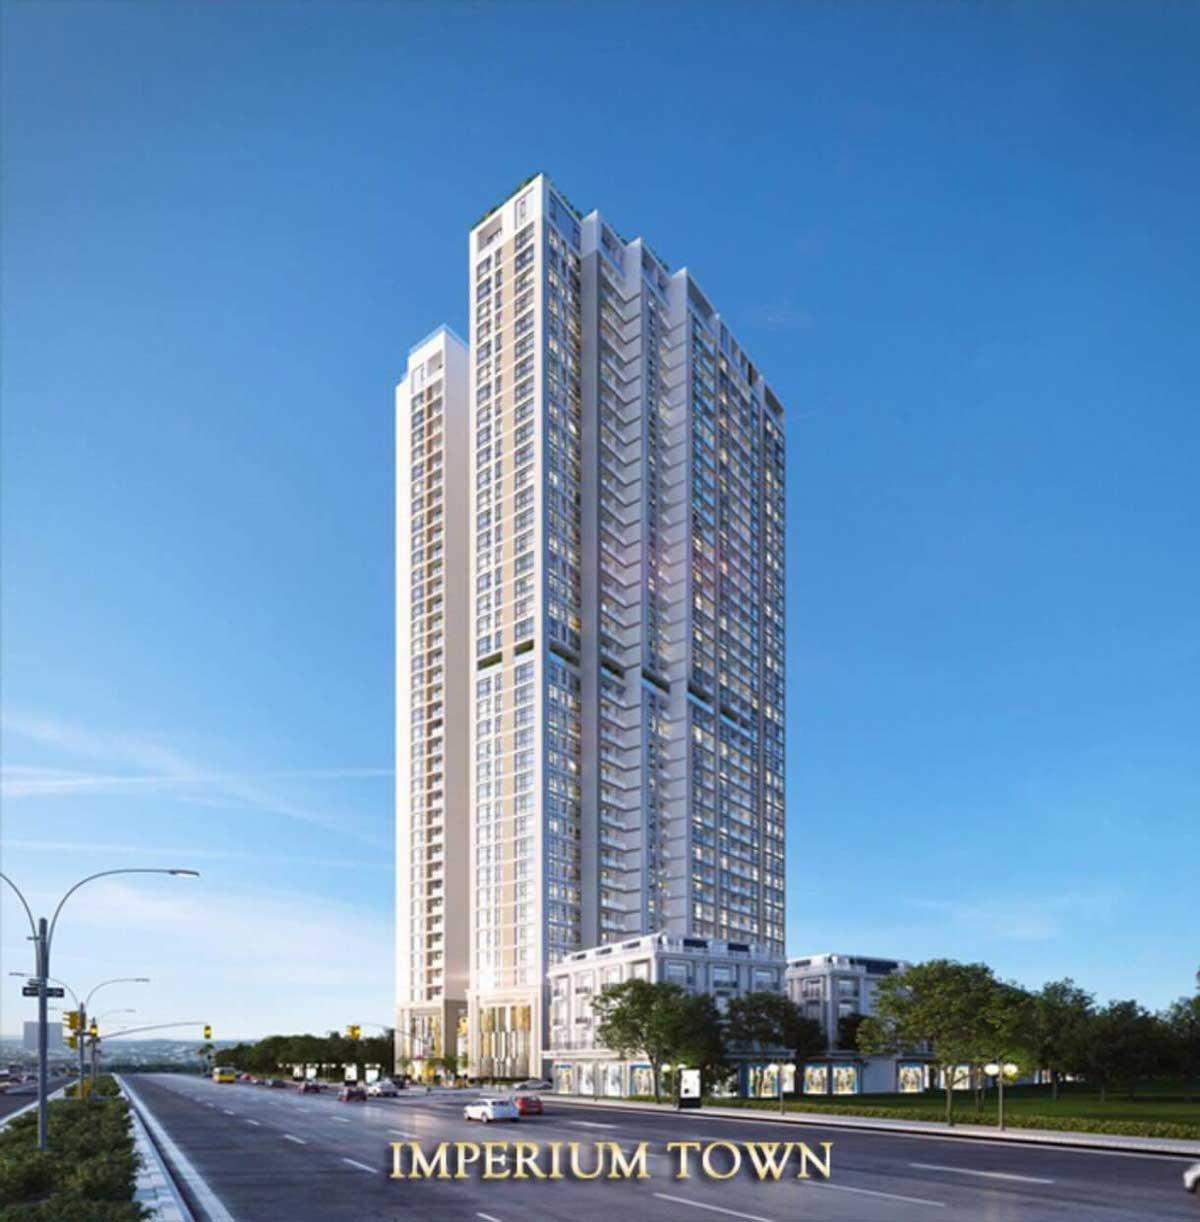 Phối cảnh tổng thể căn hộ chung cư Imperium Town Nha Trang Đường Phước Long chủ đầu tư Indochine Nha Trang